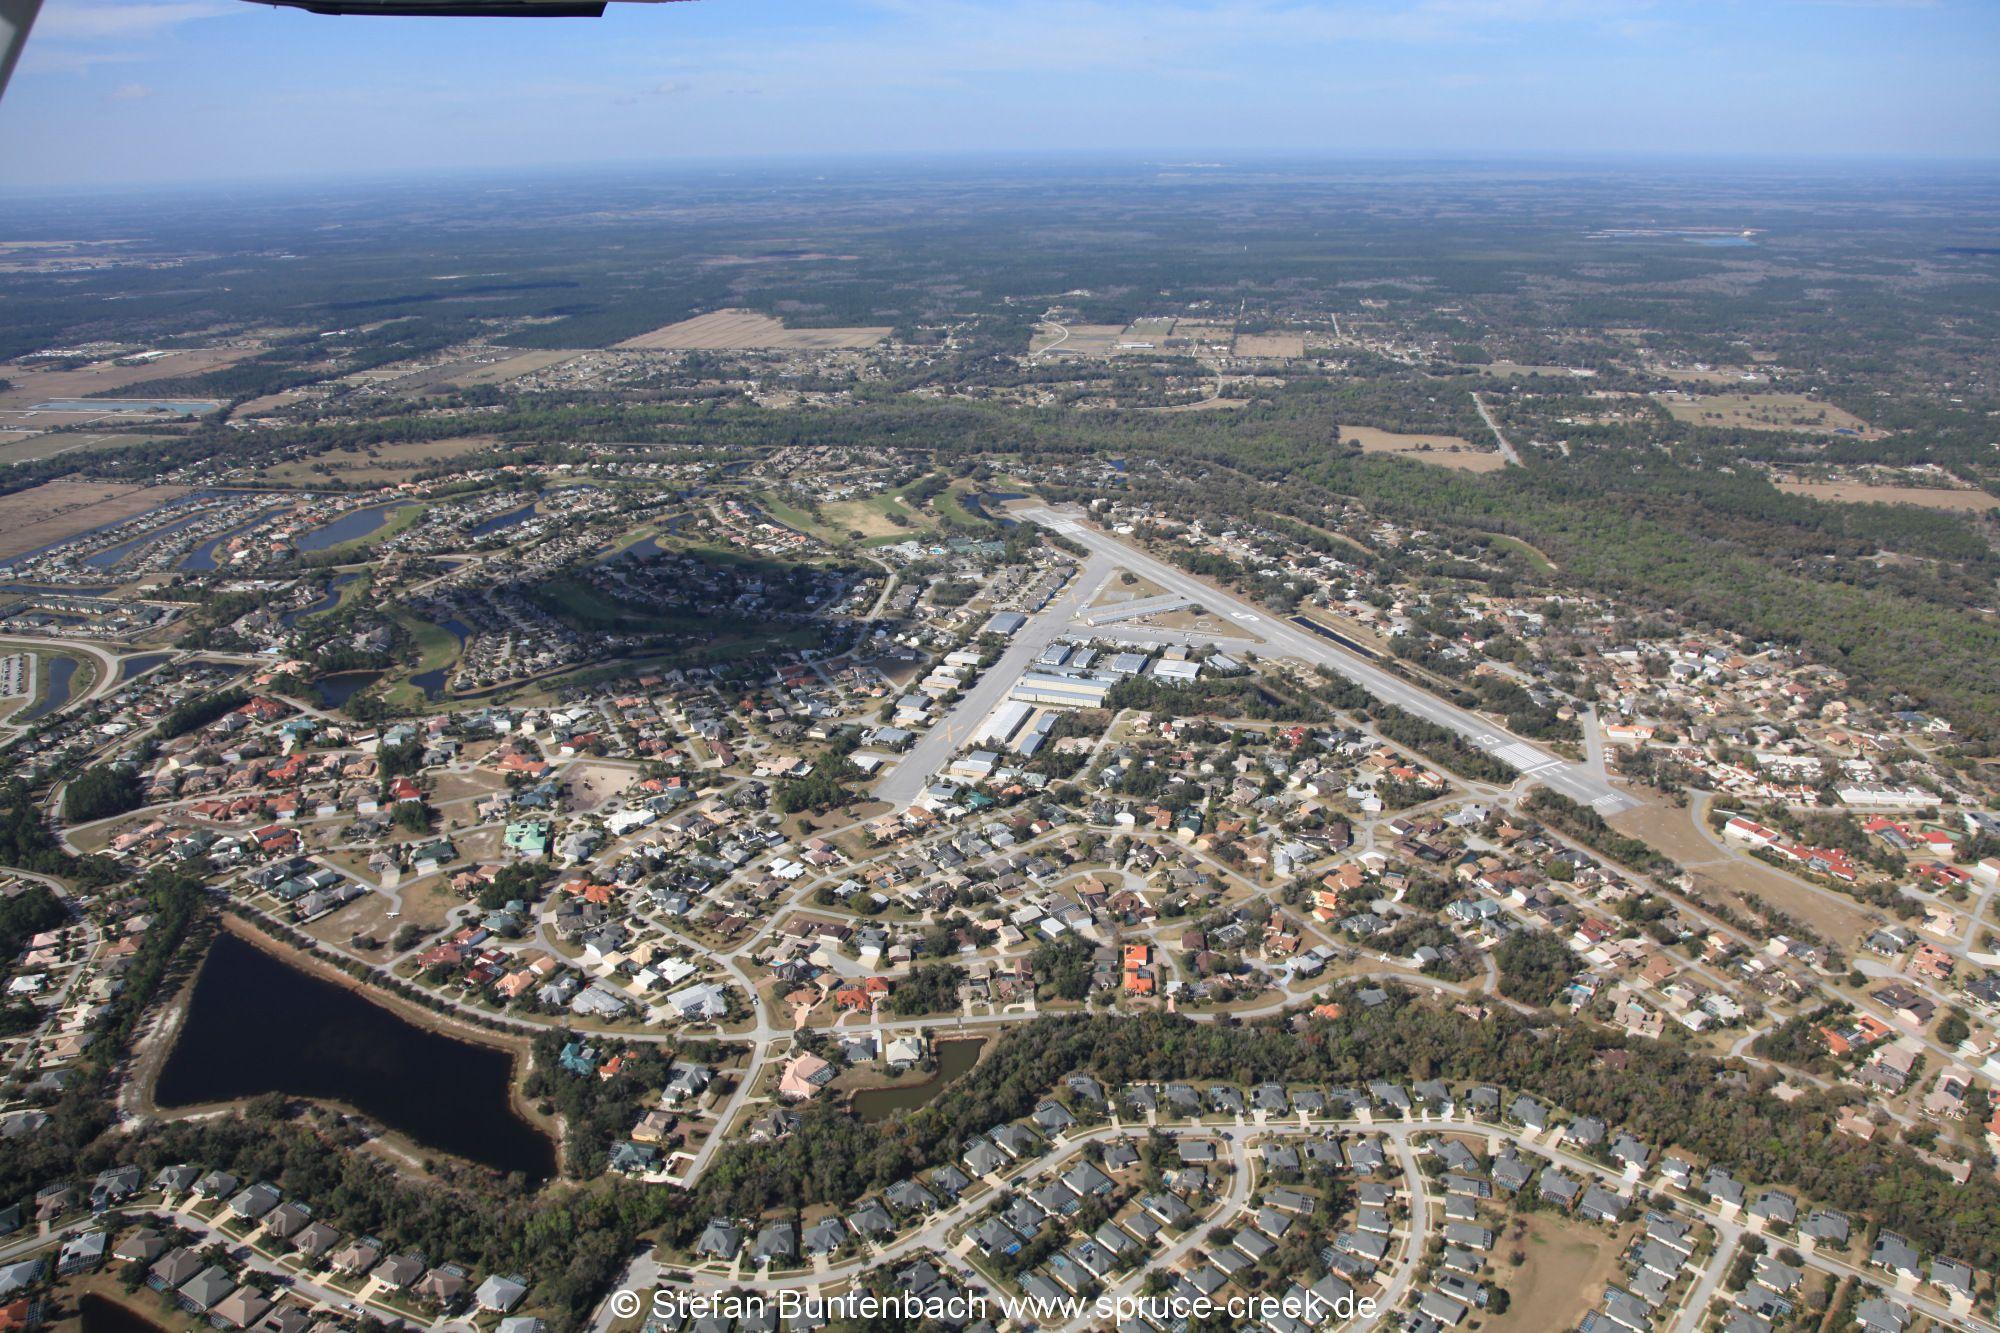 Der Spruce Creek Privatflugplatz in Florida aus der Luft gesehen.